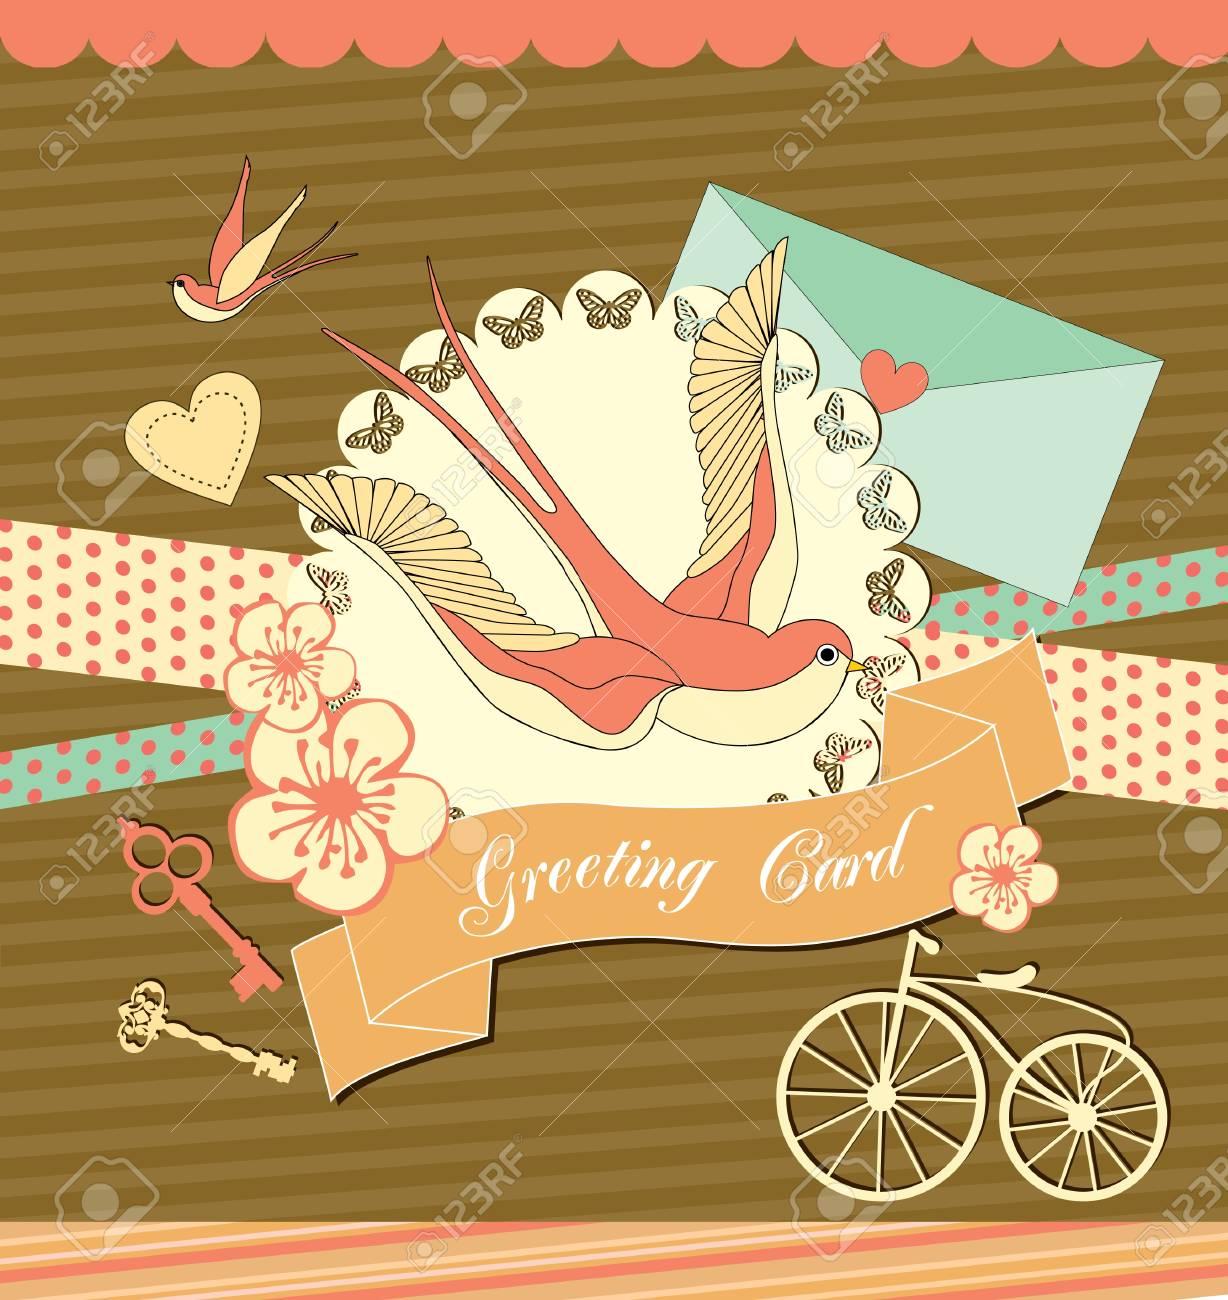 ツバメ ベクトル イラストがかわいいレトロなカードのイラスト素材